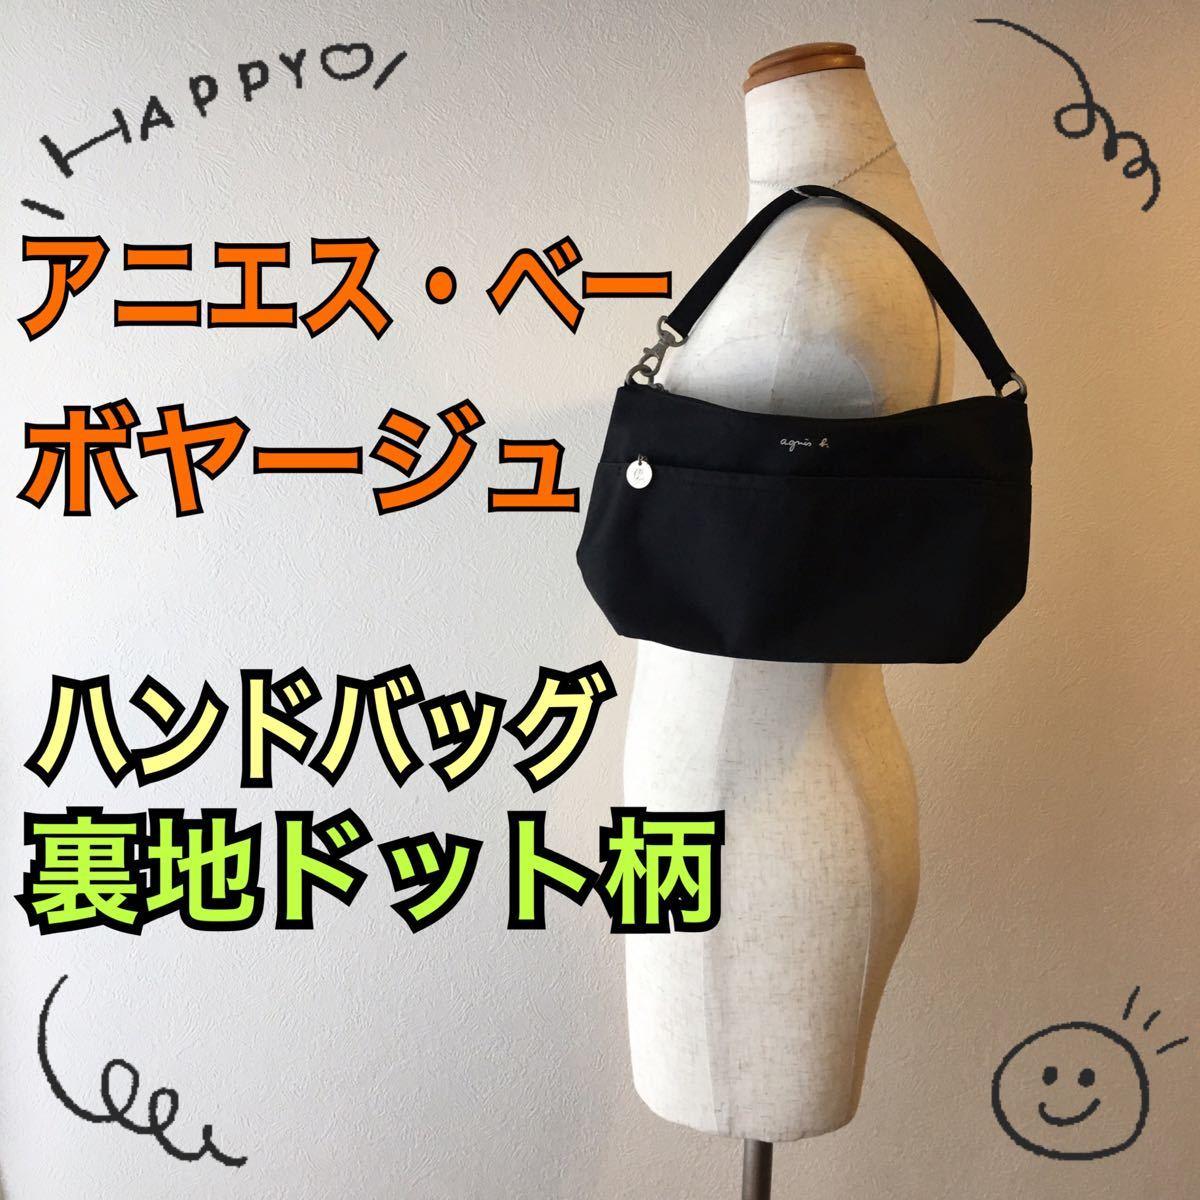 アニエスベーボヤージュ☆ハンドバッグ☆黒☆ナイロン☆かばん☆バック